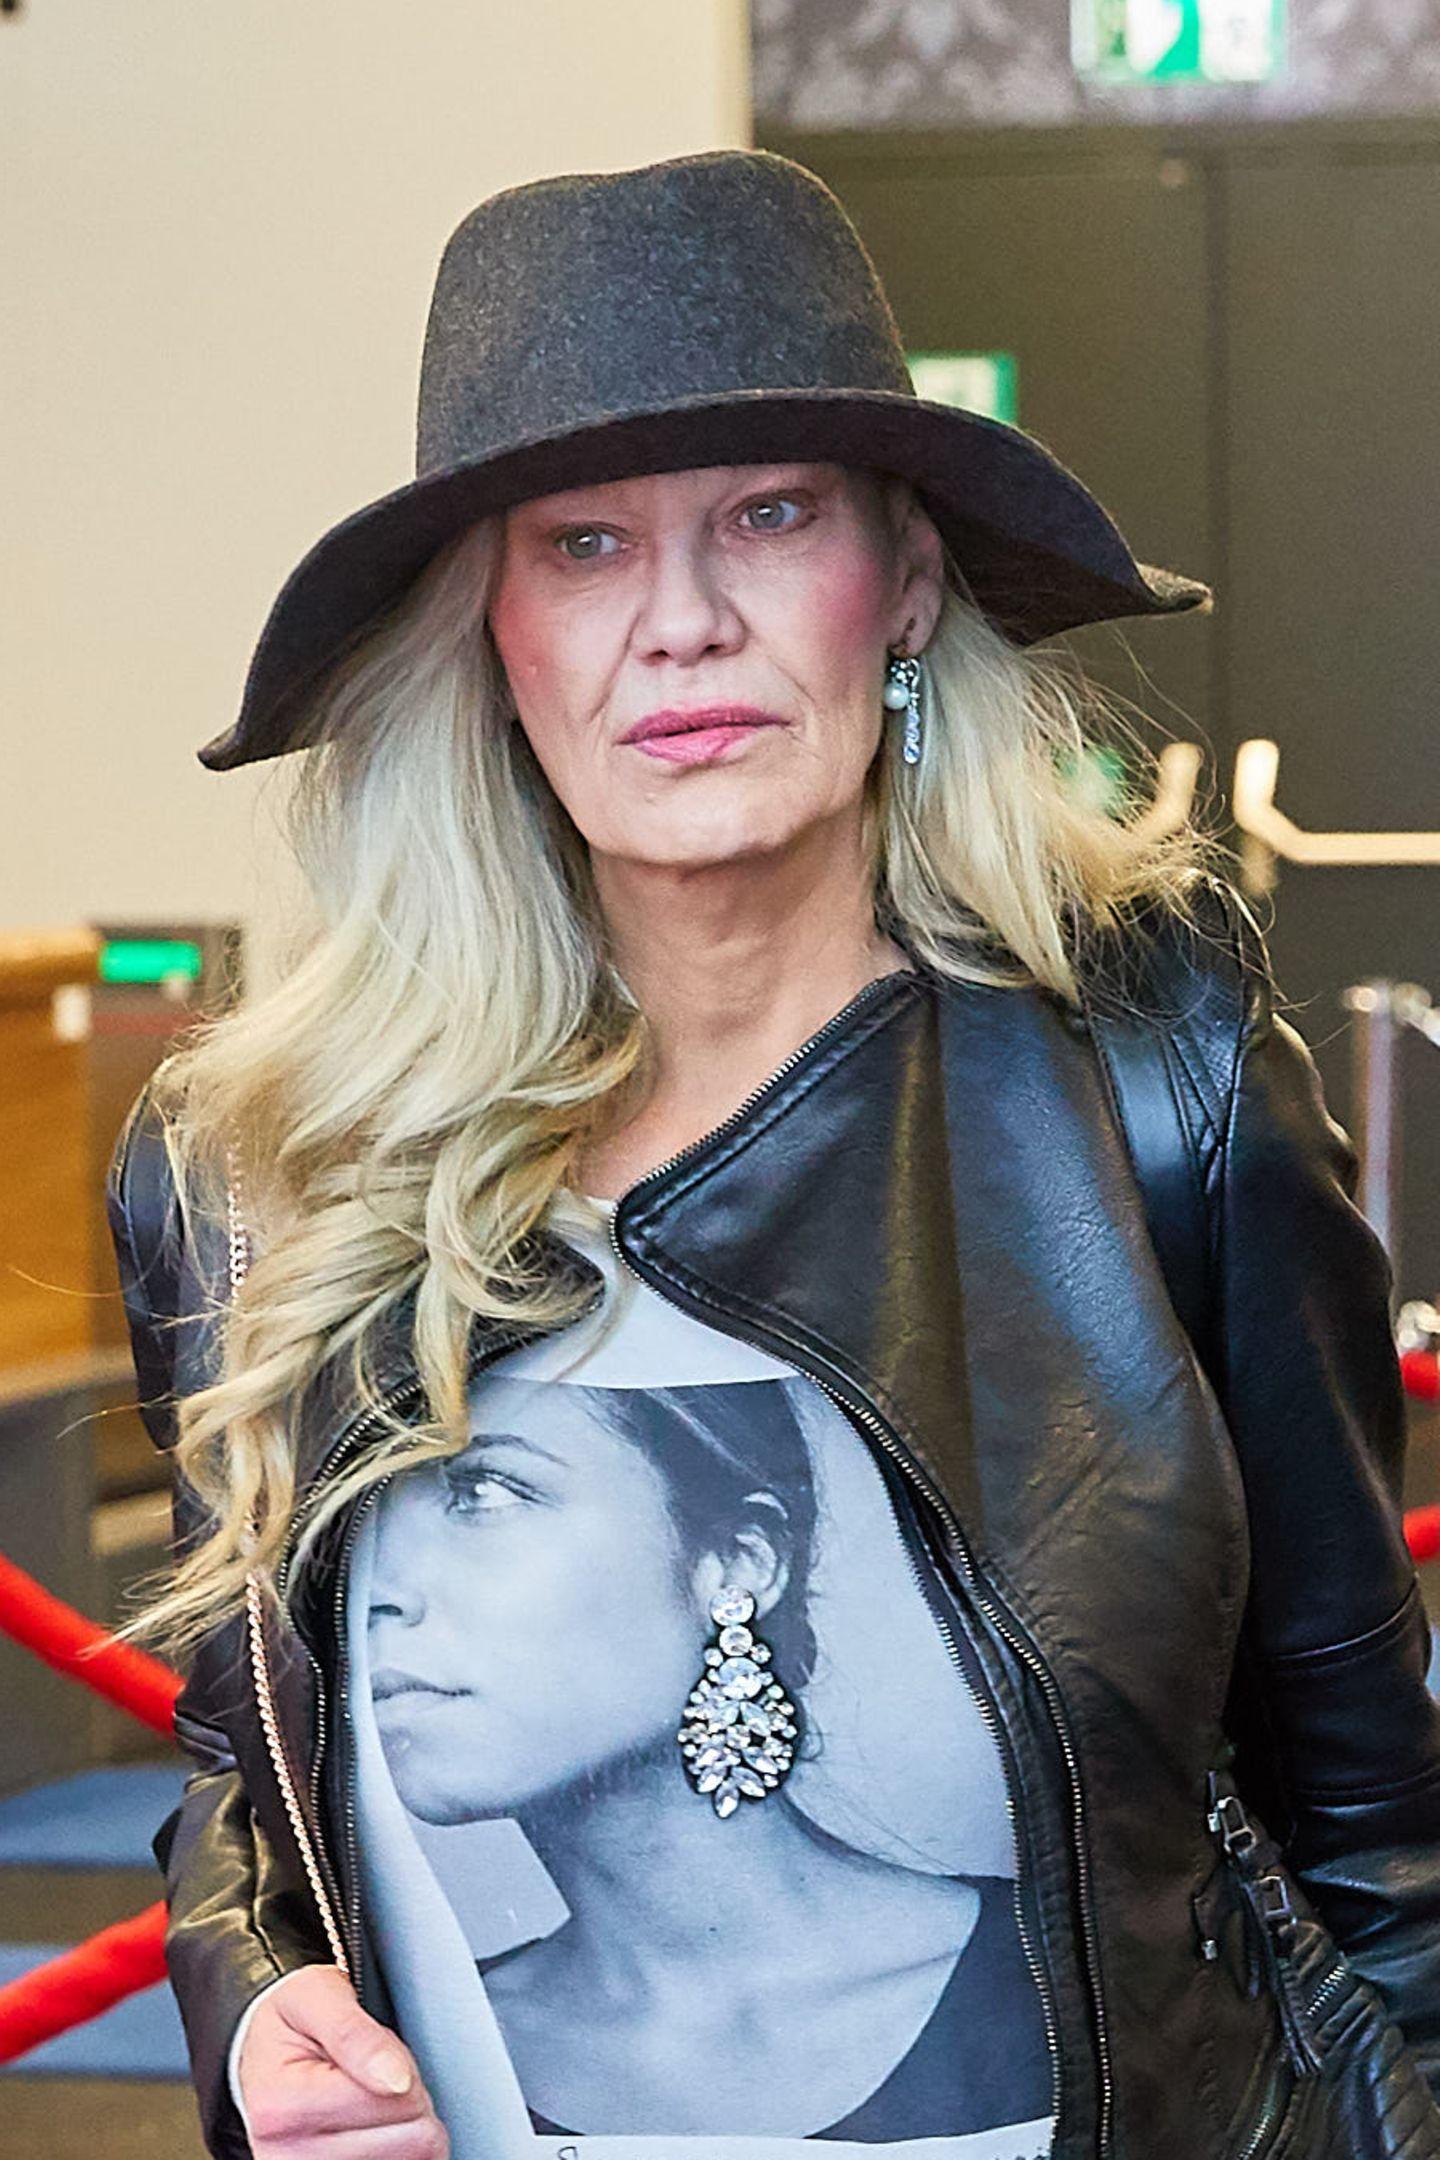 Dschungelcamp-Kandidatin Sibylle Rauch: Brust-OP hat ihr